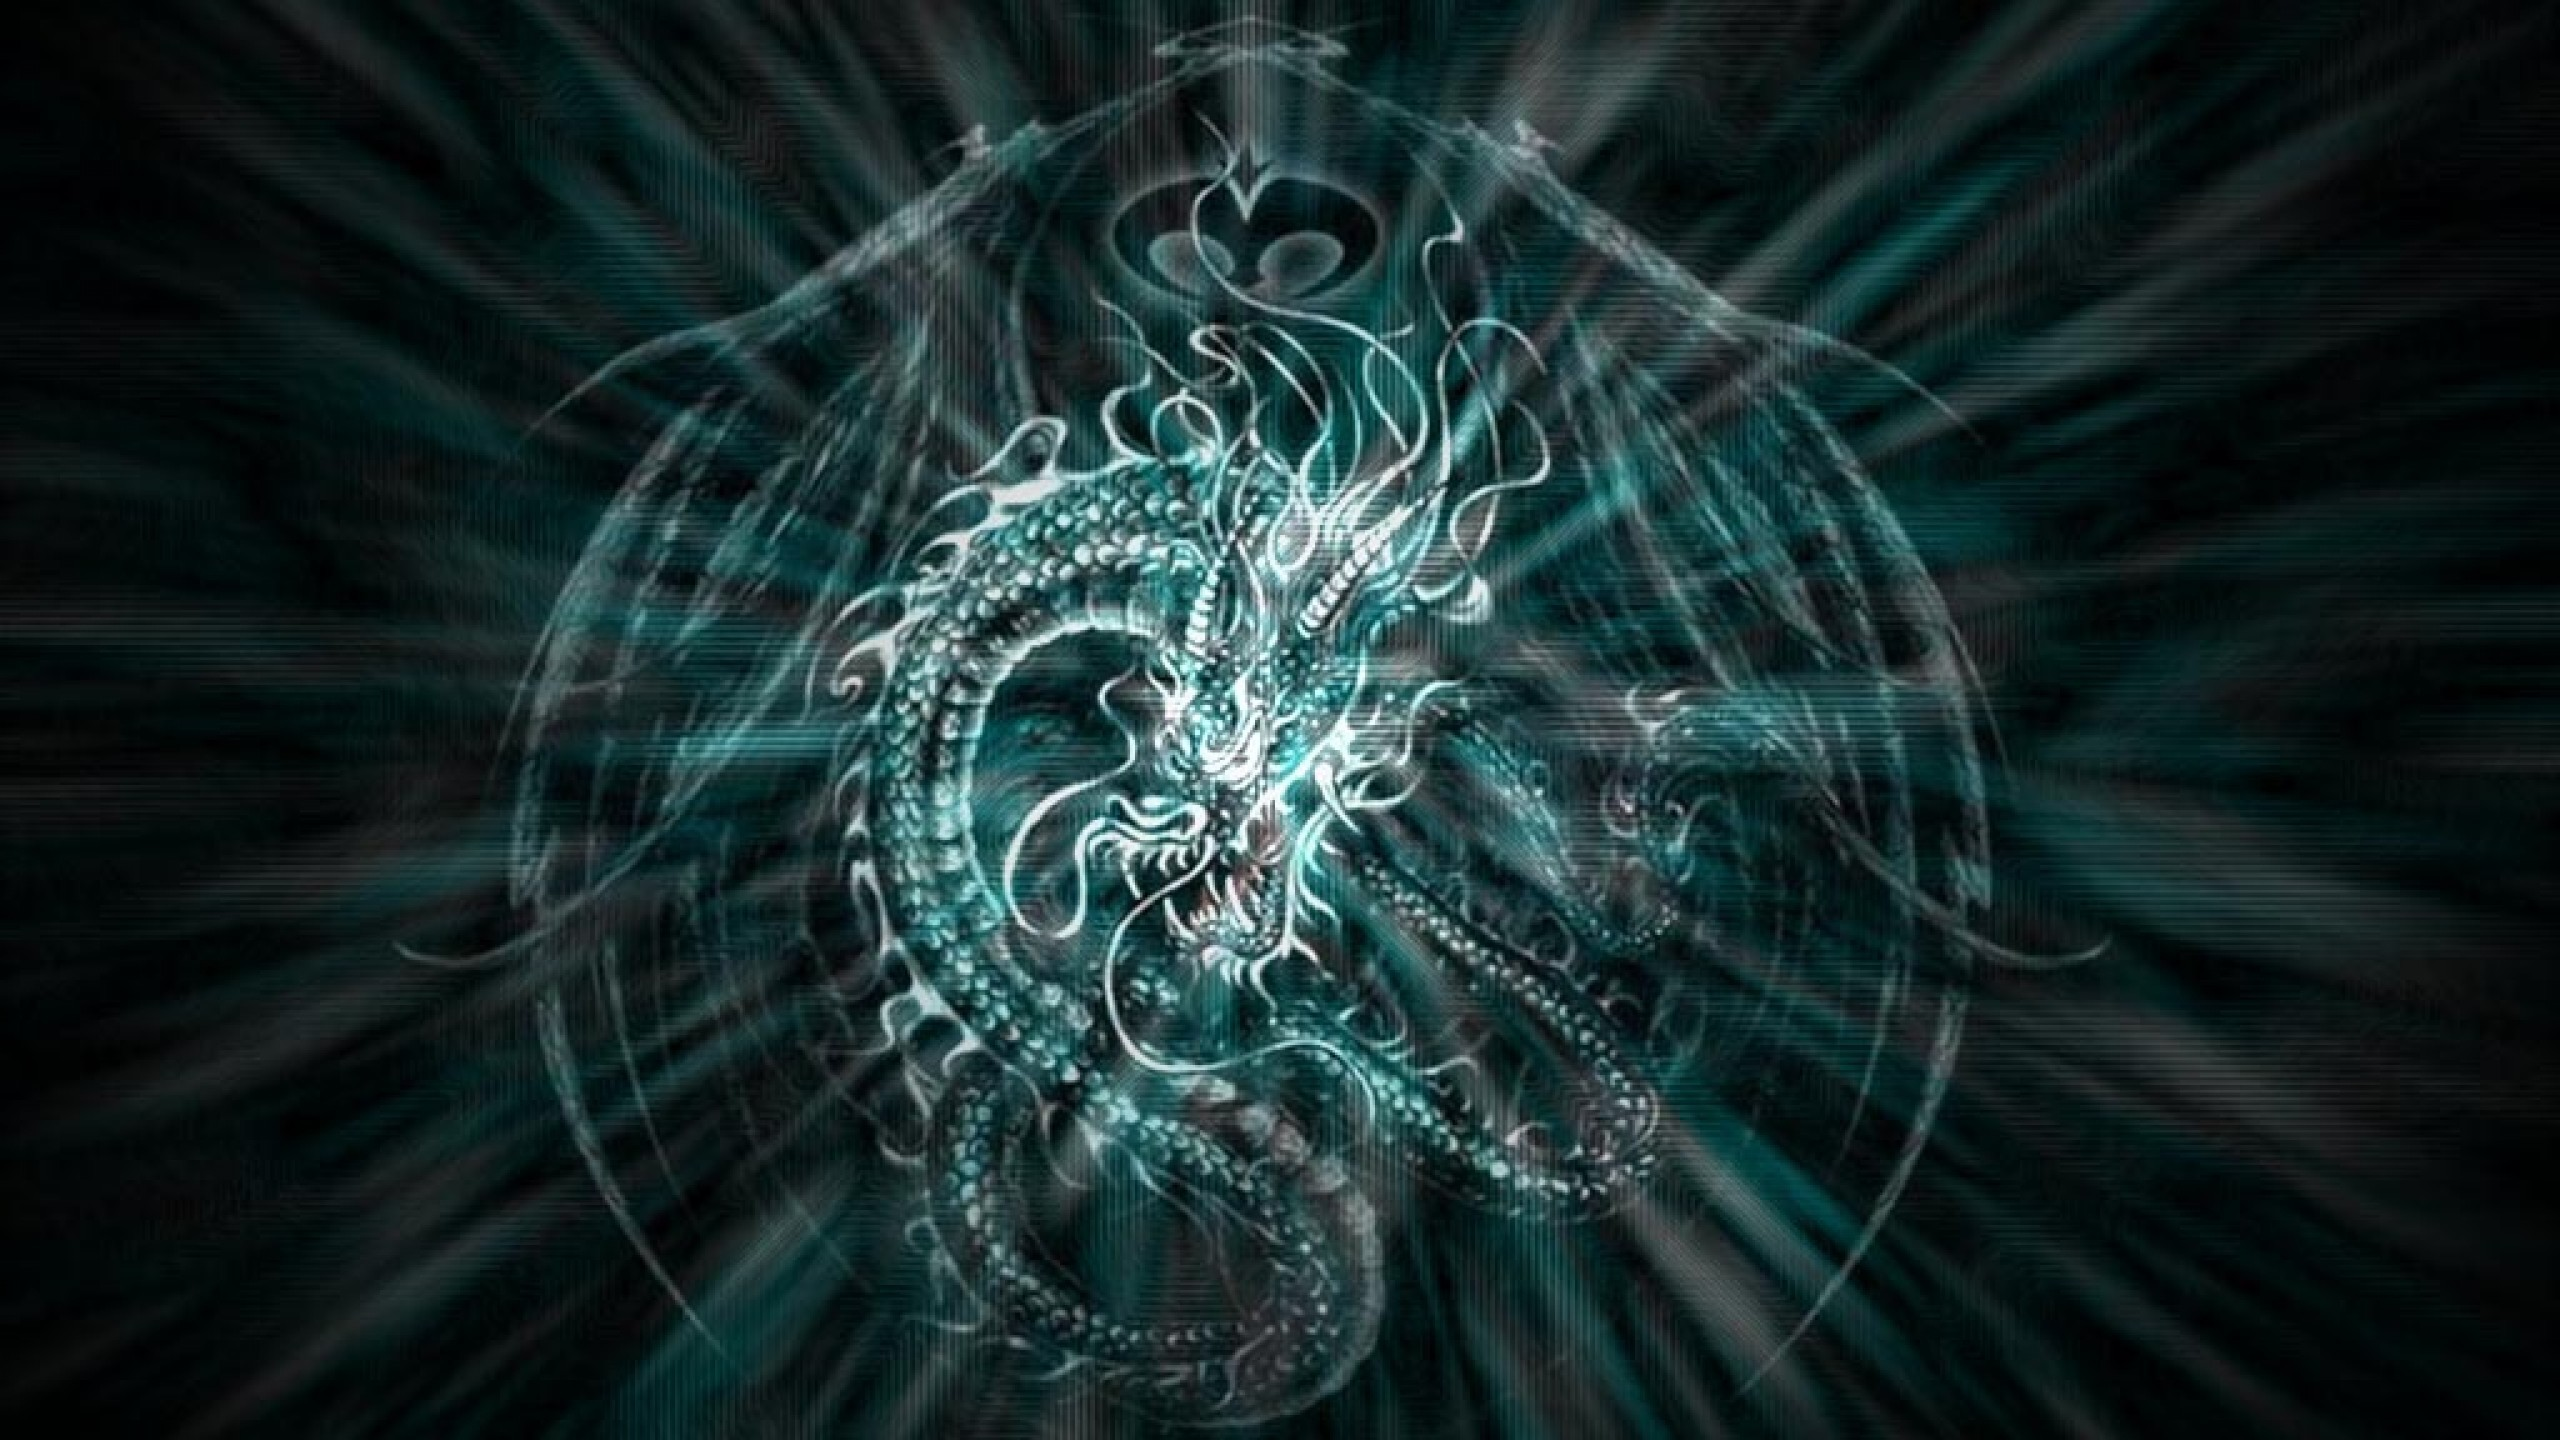 dragon desktop wallpaper With Resolutions 2560×1440 Pixel